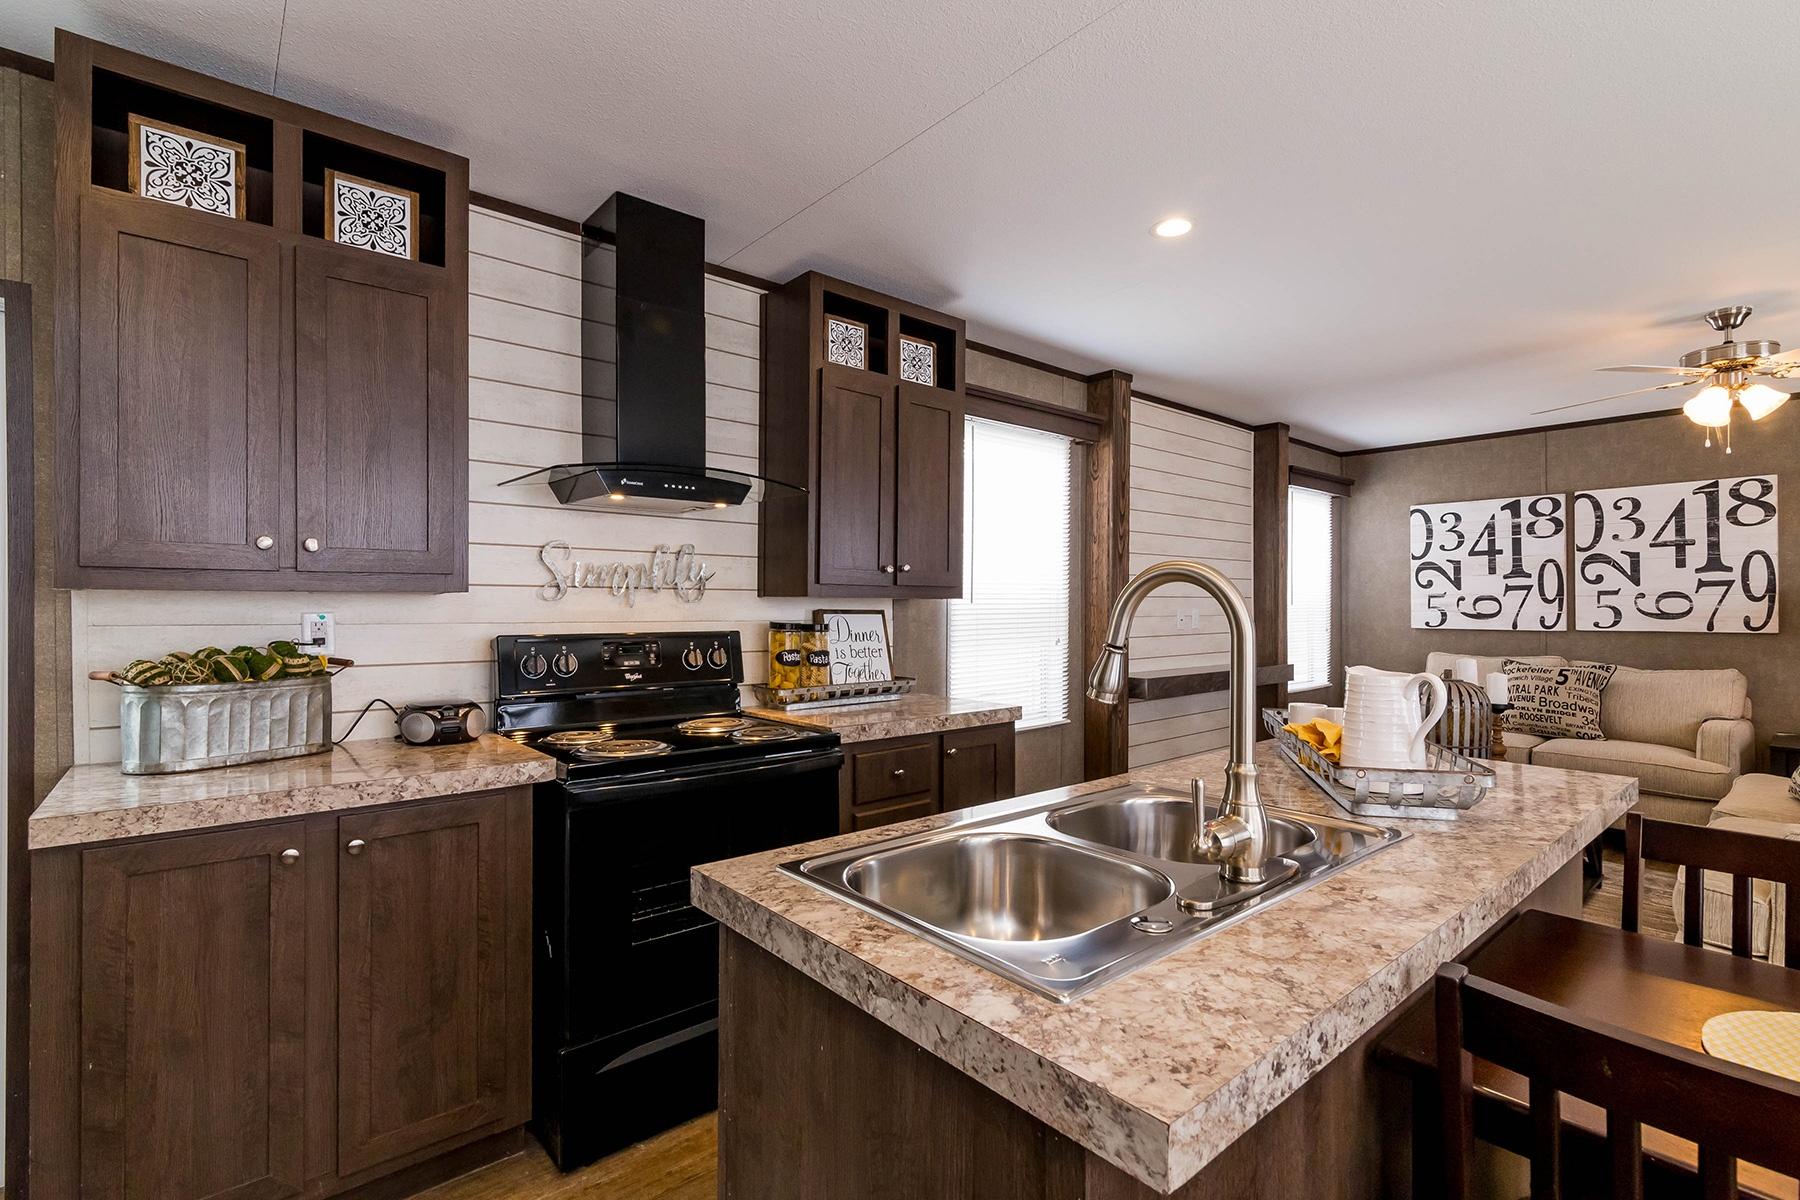 1676H-kitchen-5